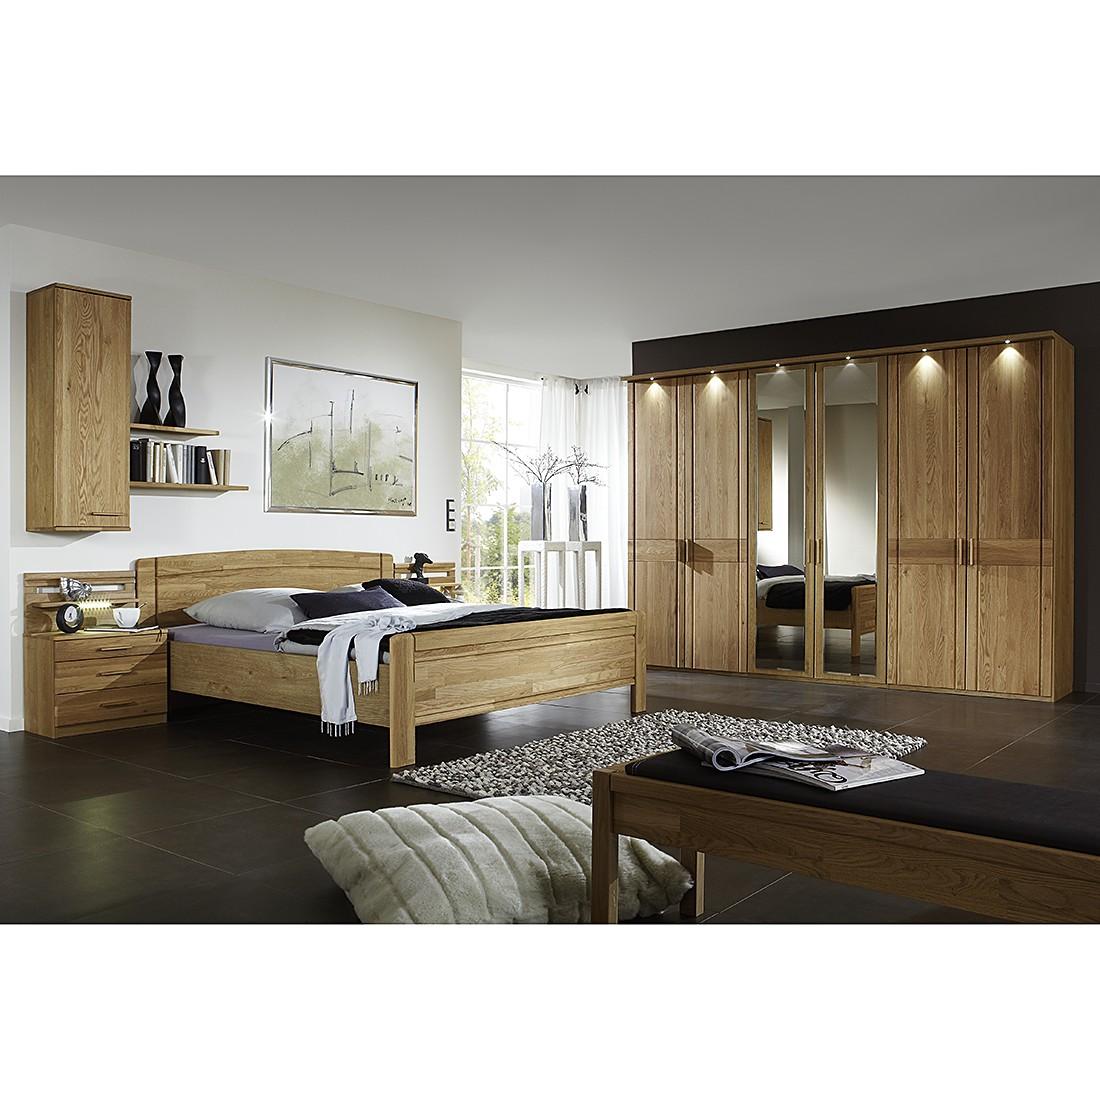 Schlafzimmerset Münster II (5-teilig) – Eiche teilmassiv – lackiert, Althoff jetzt kaufen